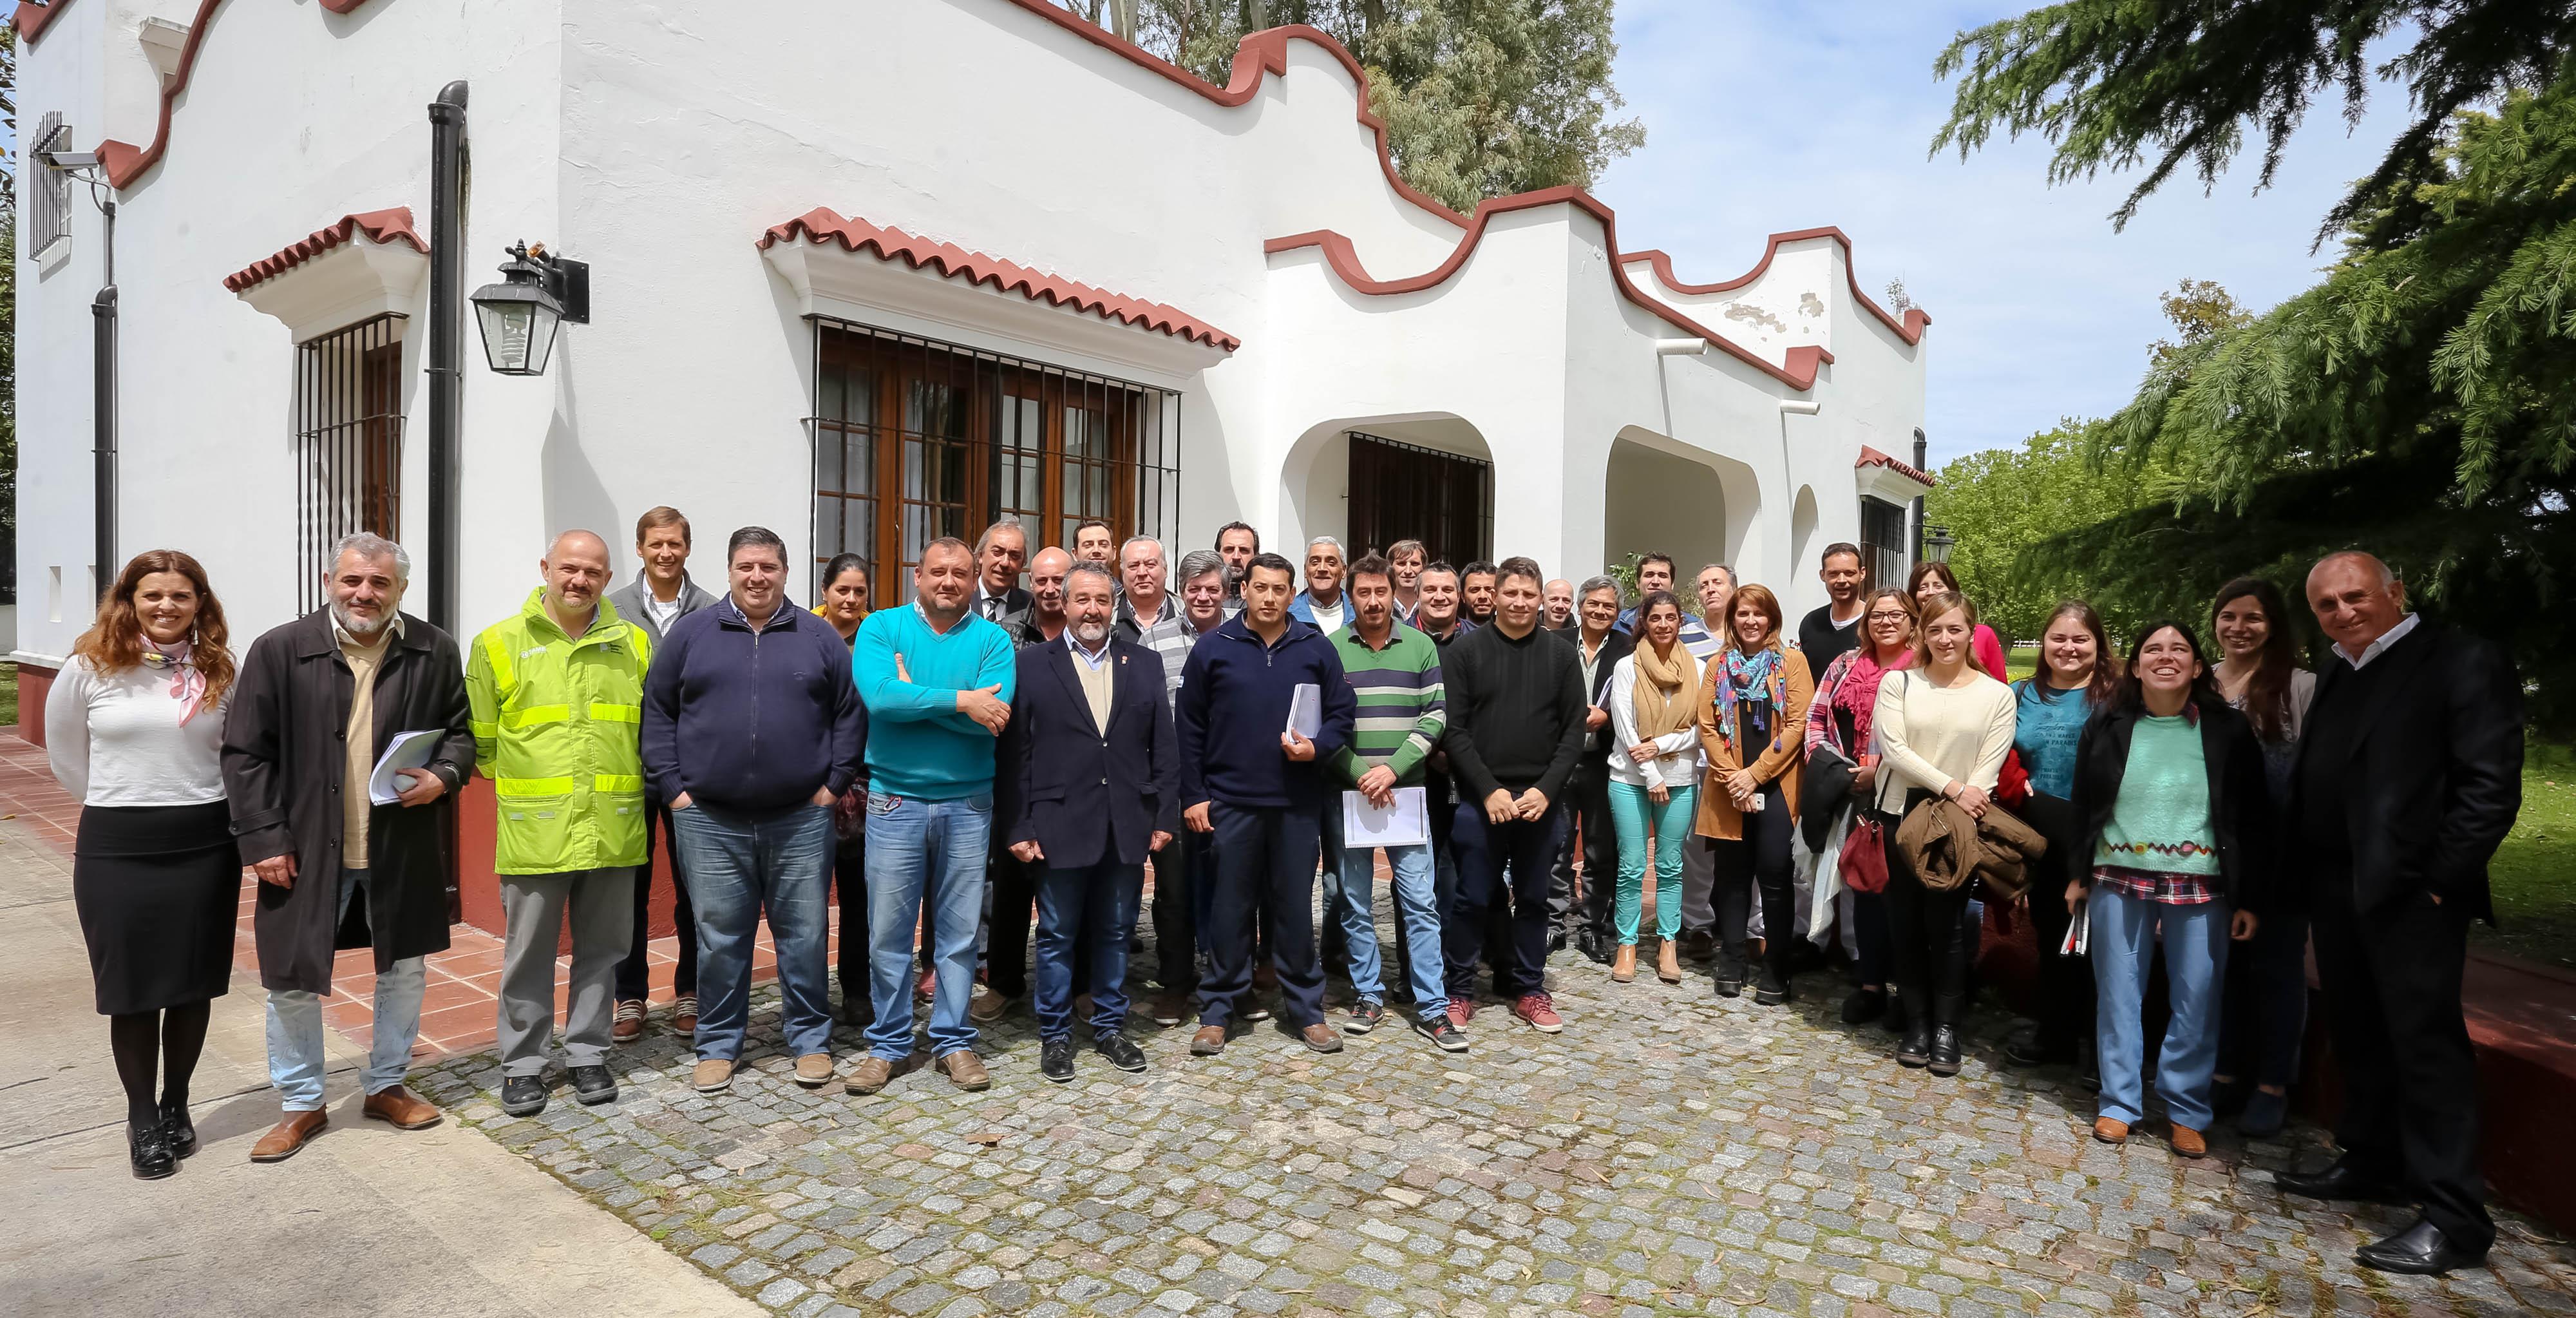 Personal de Defensa Civil, SAME, Bomberos Voluntarios y del Hospital Mario V. Larraín de Berisso participaron el pasado viernes de la presentación del protocolo de Salud del Plan de Respuesta ante Emergencias con Impacto en la Comunidad (PREIC).